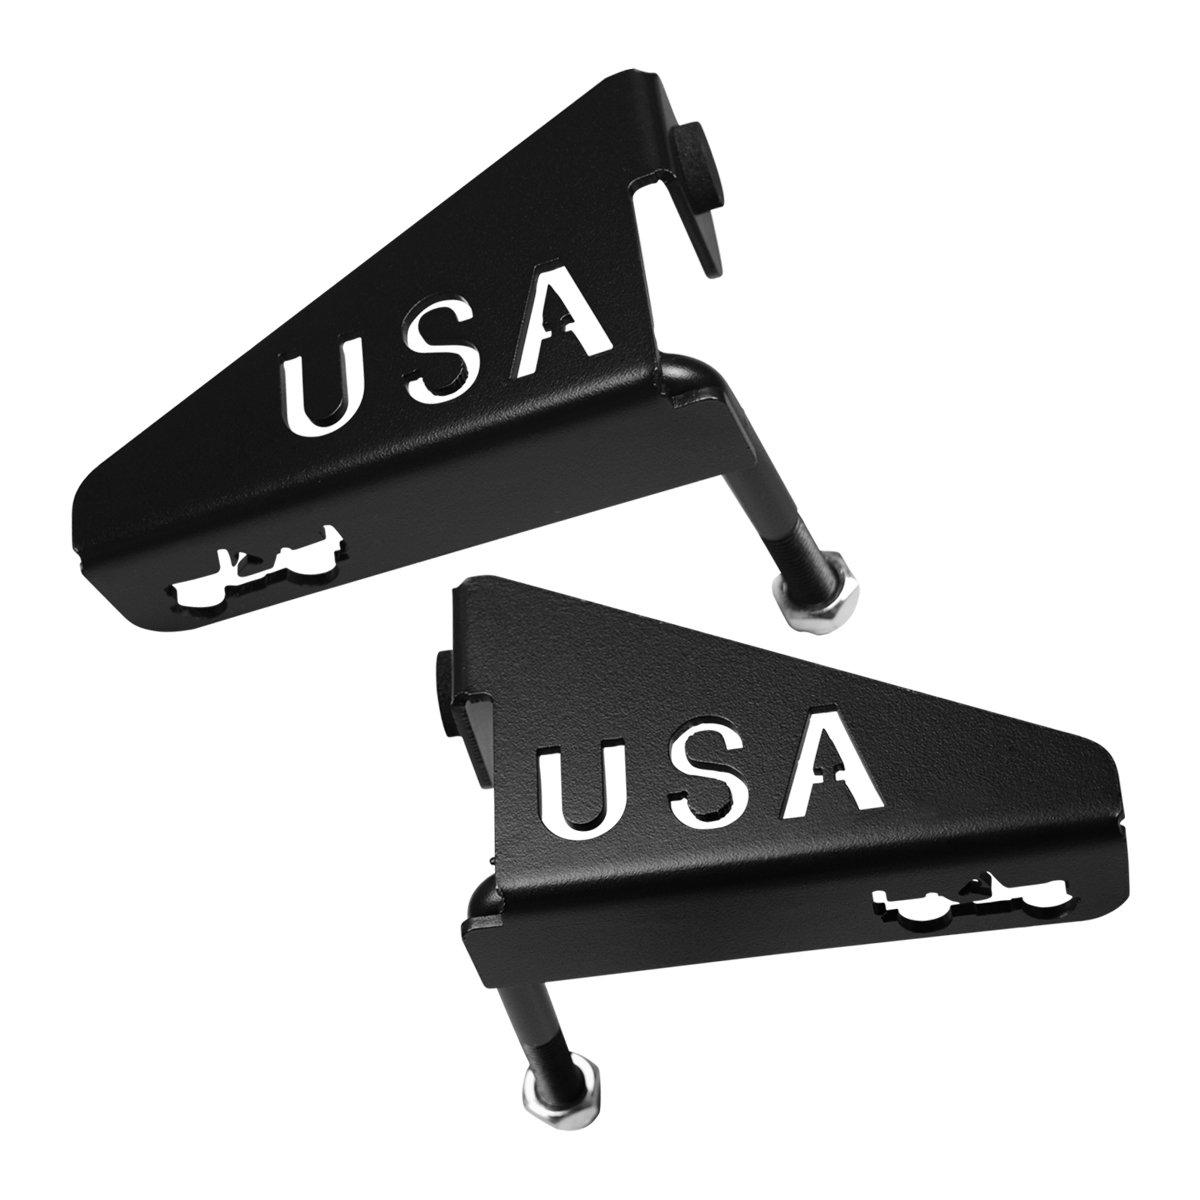 ICARS Black USA Foot Rest Pegs for 2007-2018 Jeep Wrangler JK 2DR JKU 4DR - 2pcs